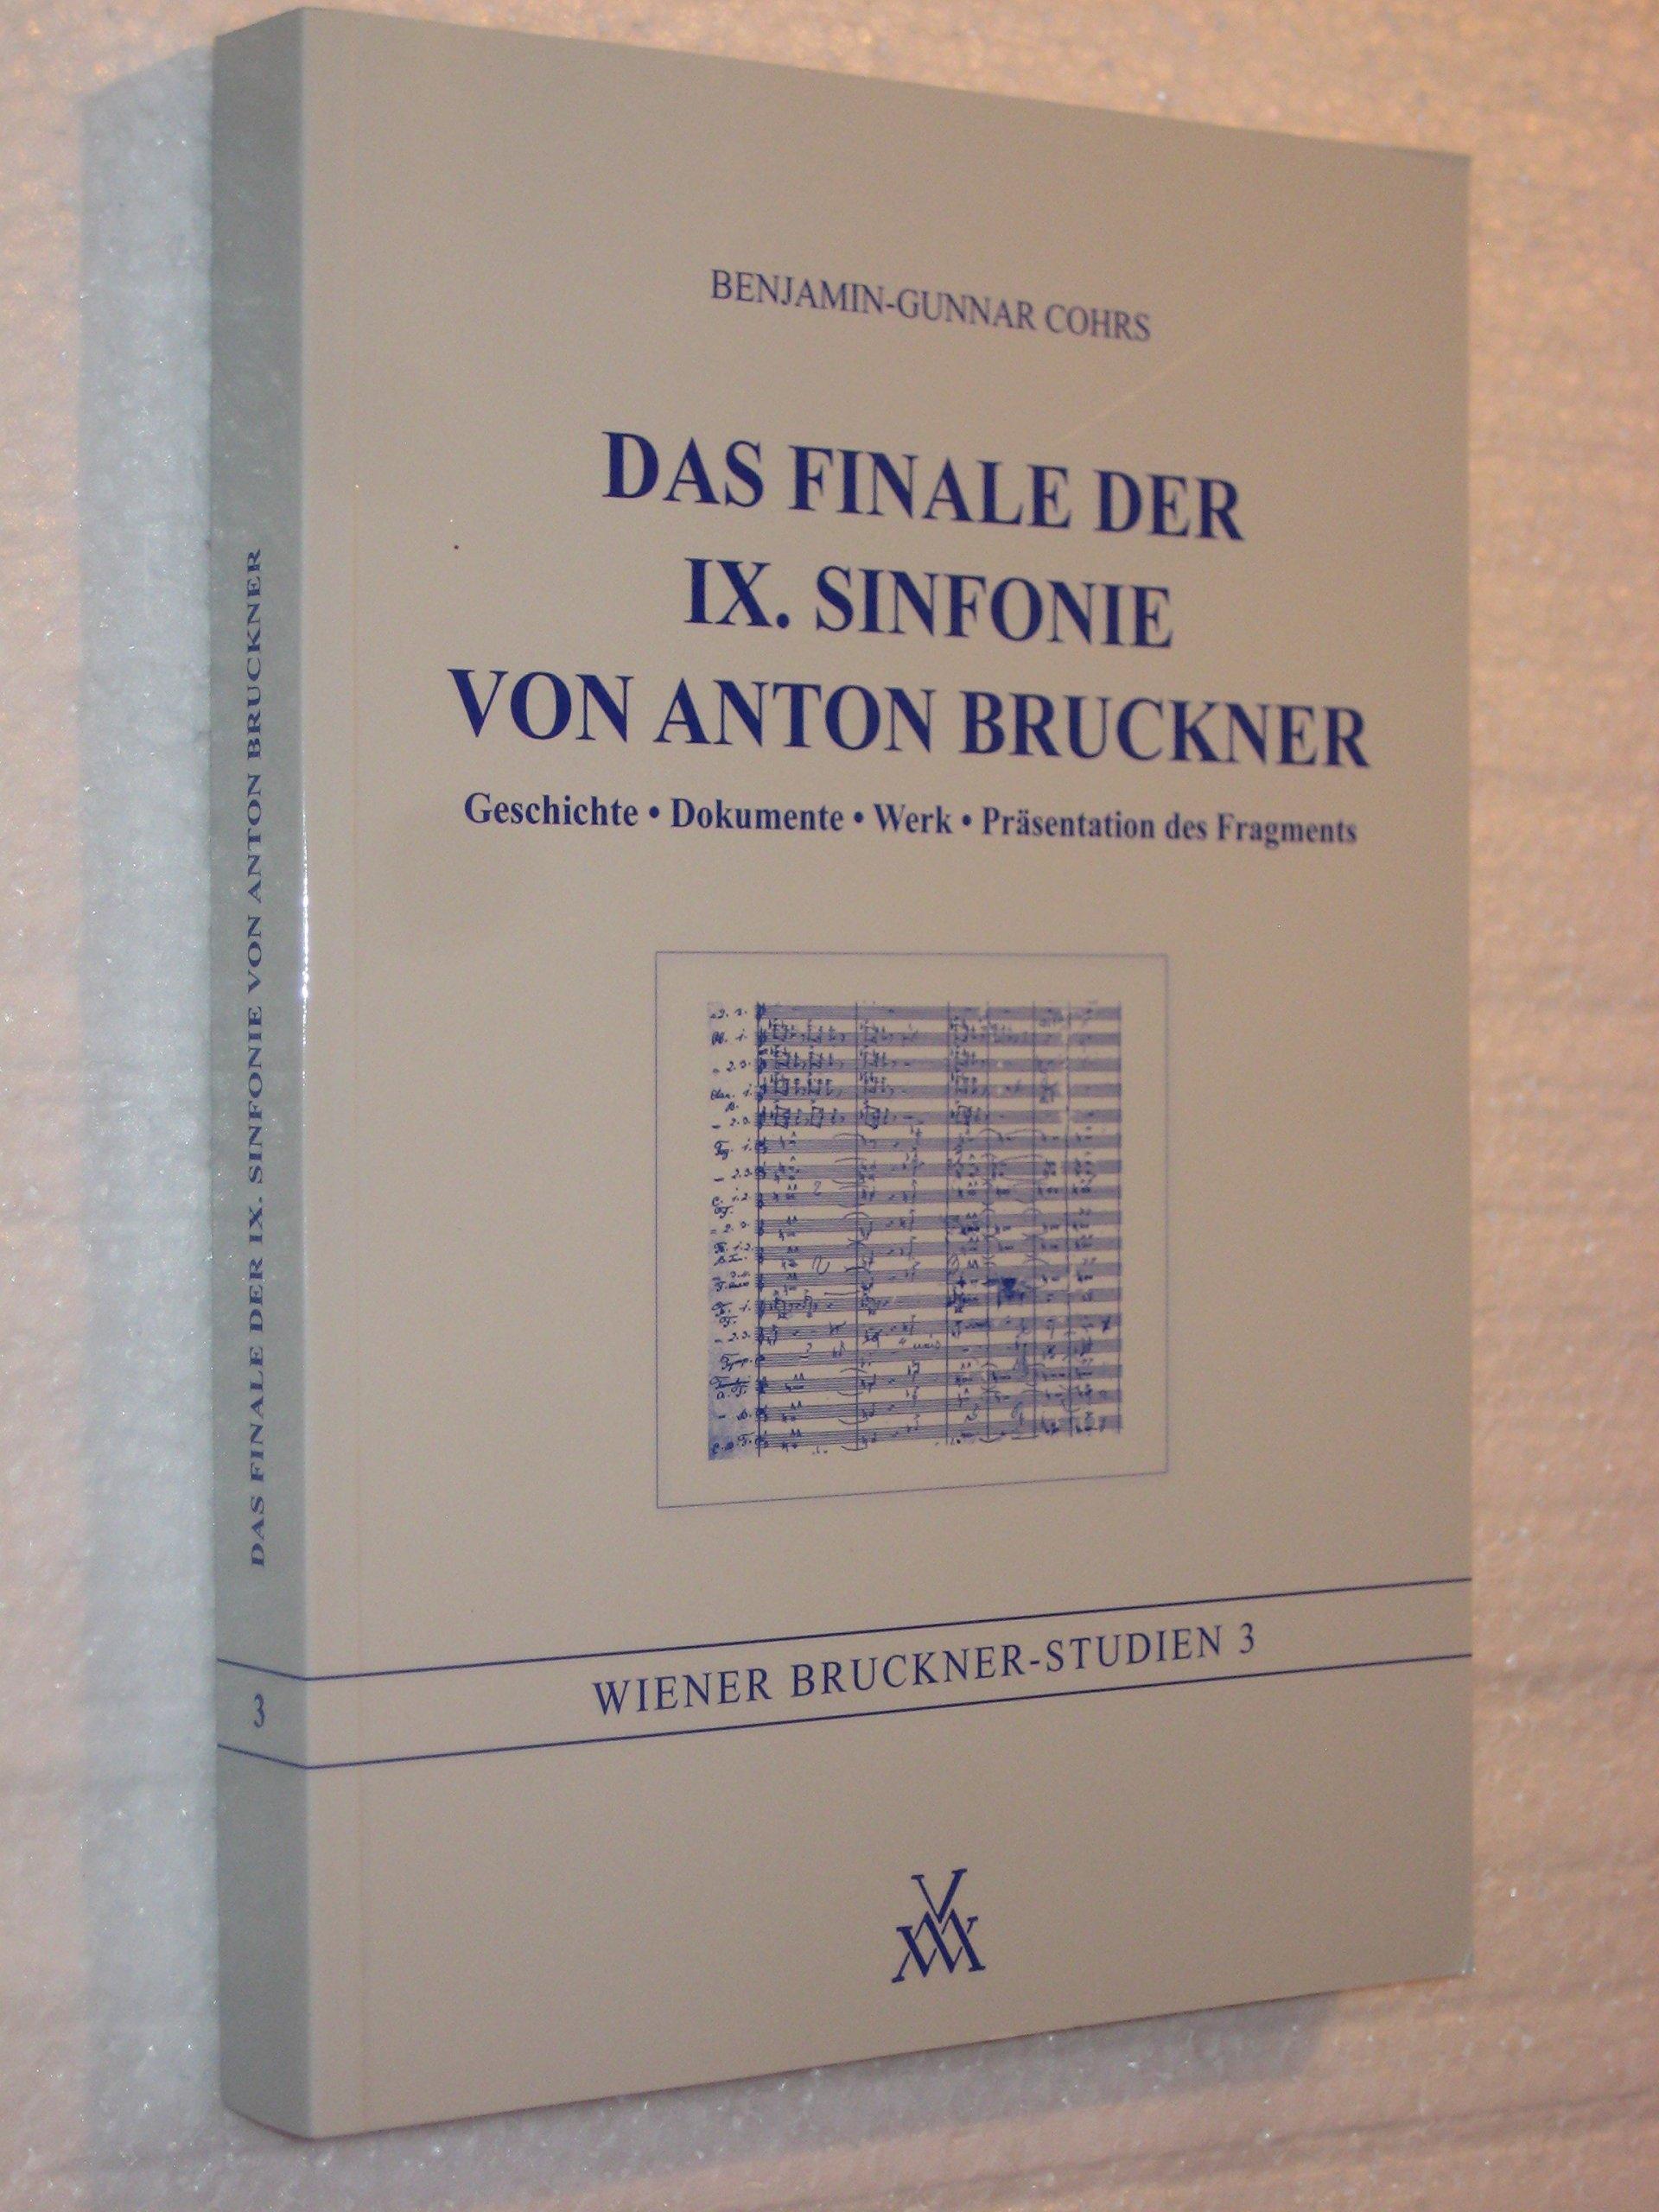 Das Finale der IX. Sinfonie von Anton Bruckner: Geschichte. Dokumente. Werk. Präsentation des Fragments (Wiener Bruckner-Studien)